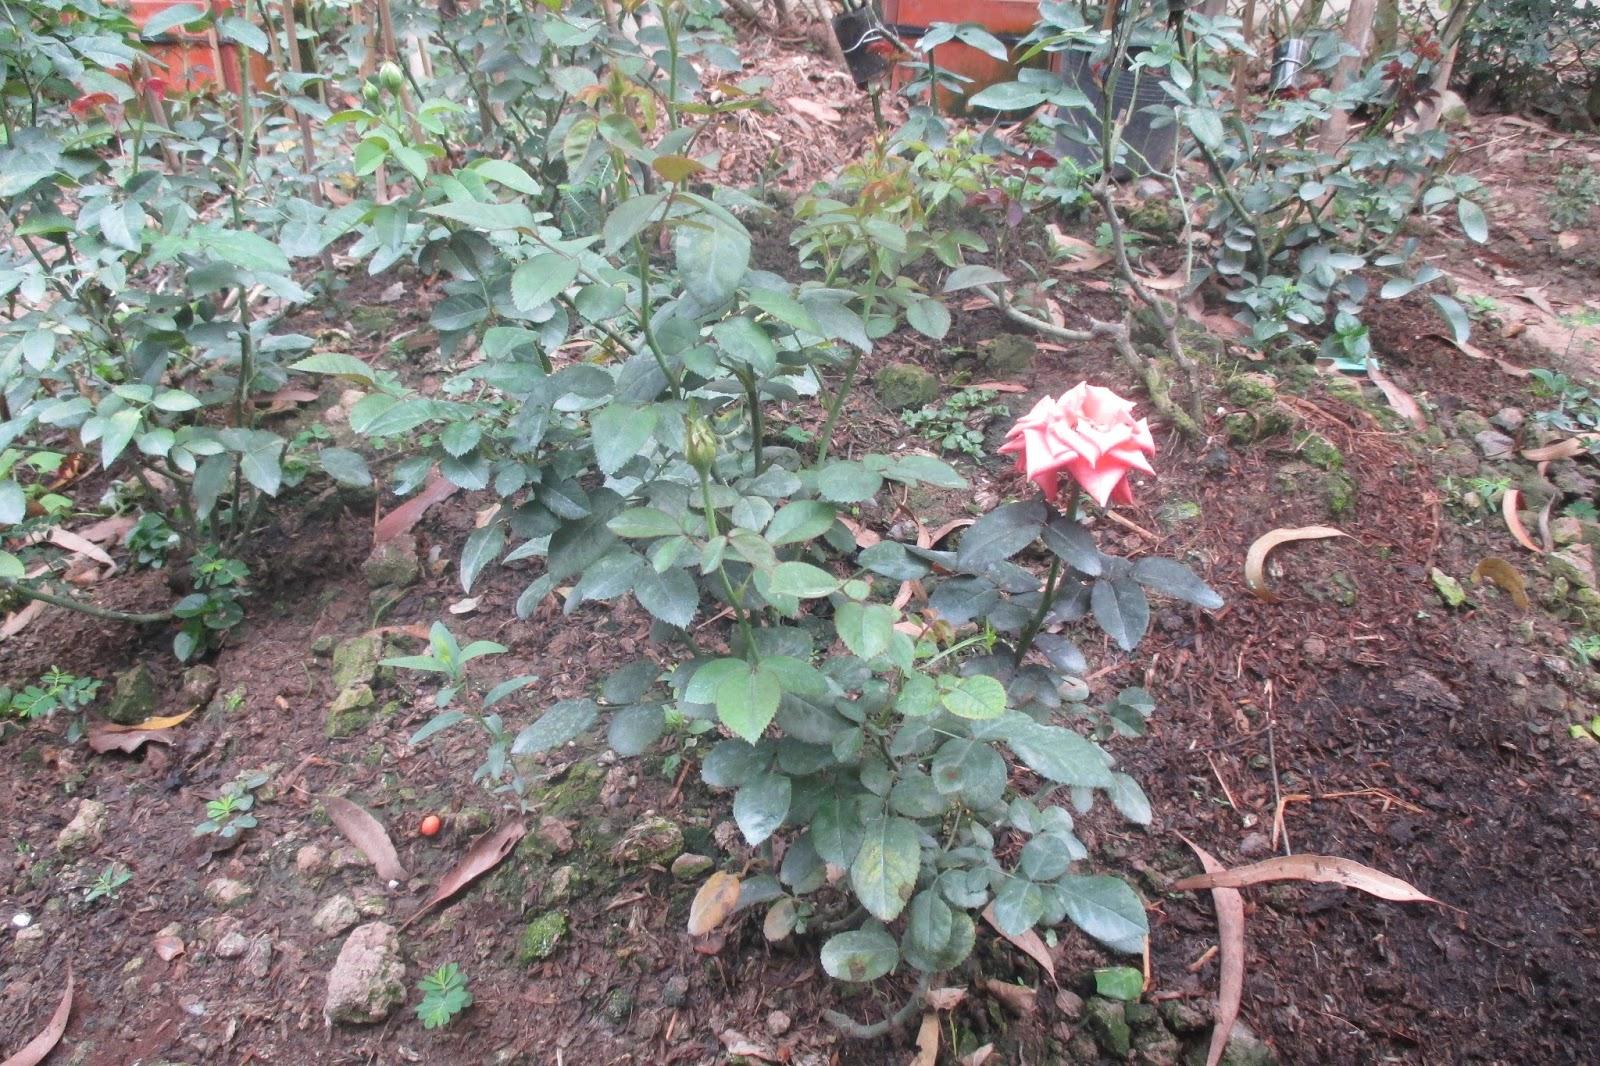 Các cây hoa hồng cần được trồng nơi có đất tơi xốp thoát nước tốt.